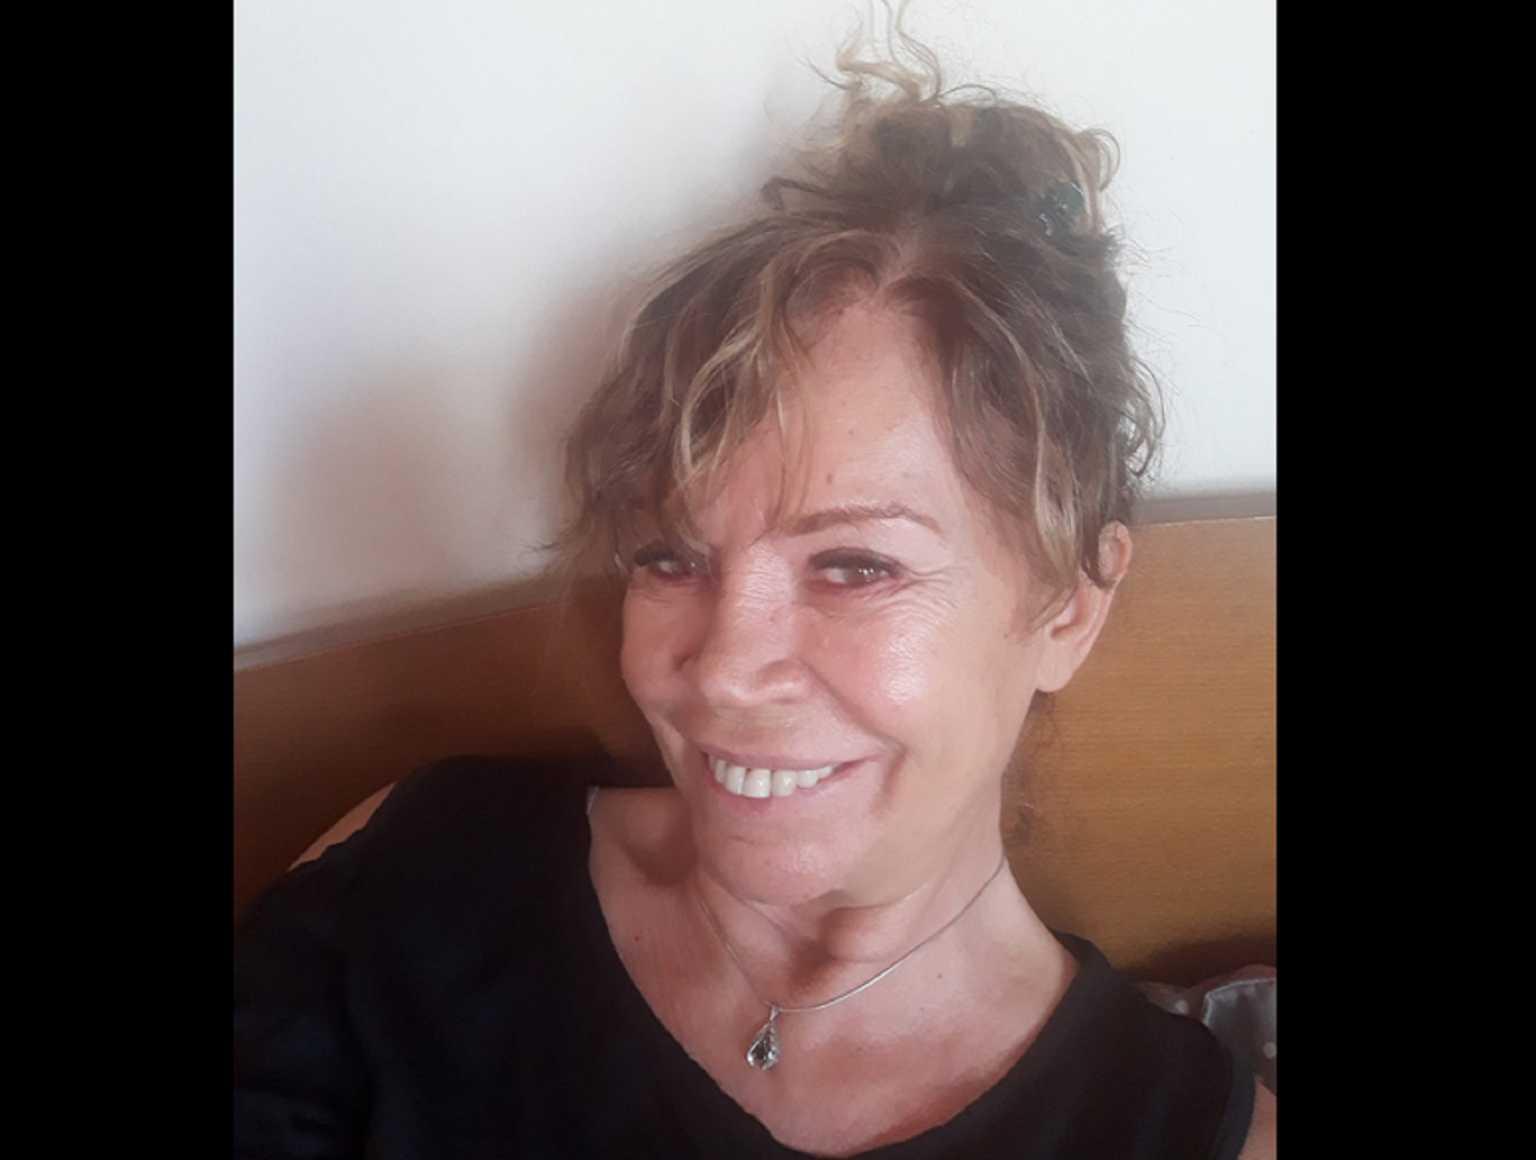 Ξέσπασε η Ελένη Δήμου: «Έκανα το εμβόλιο, αλλά τη ζωή μου δεν την πήρα πίσω»